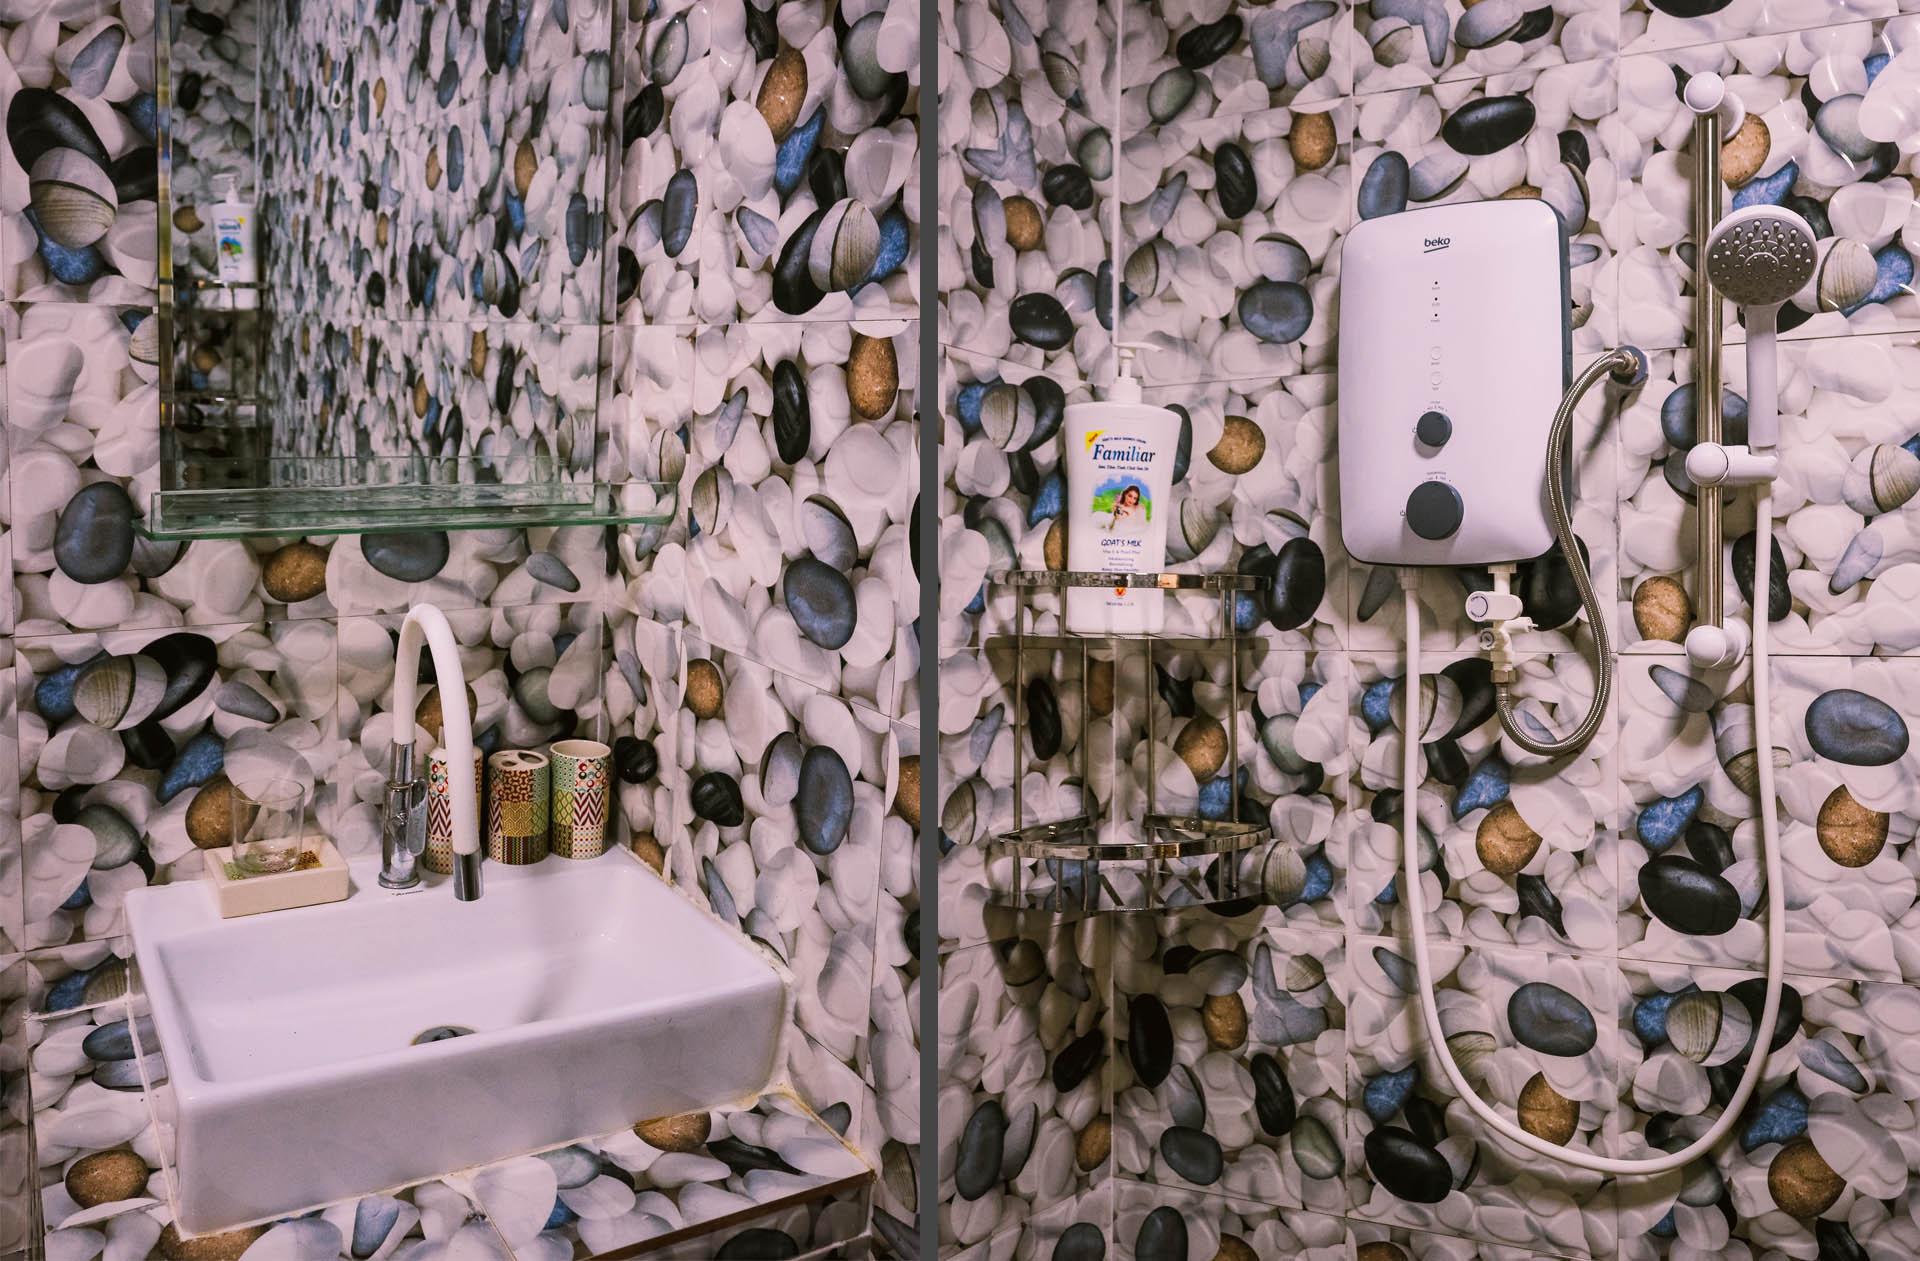 Life's a Beach Vietnam Ky Co Bathroom